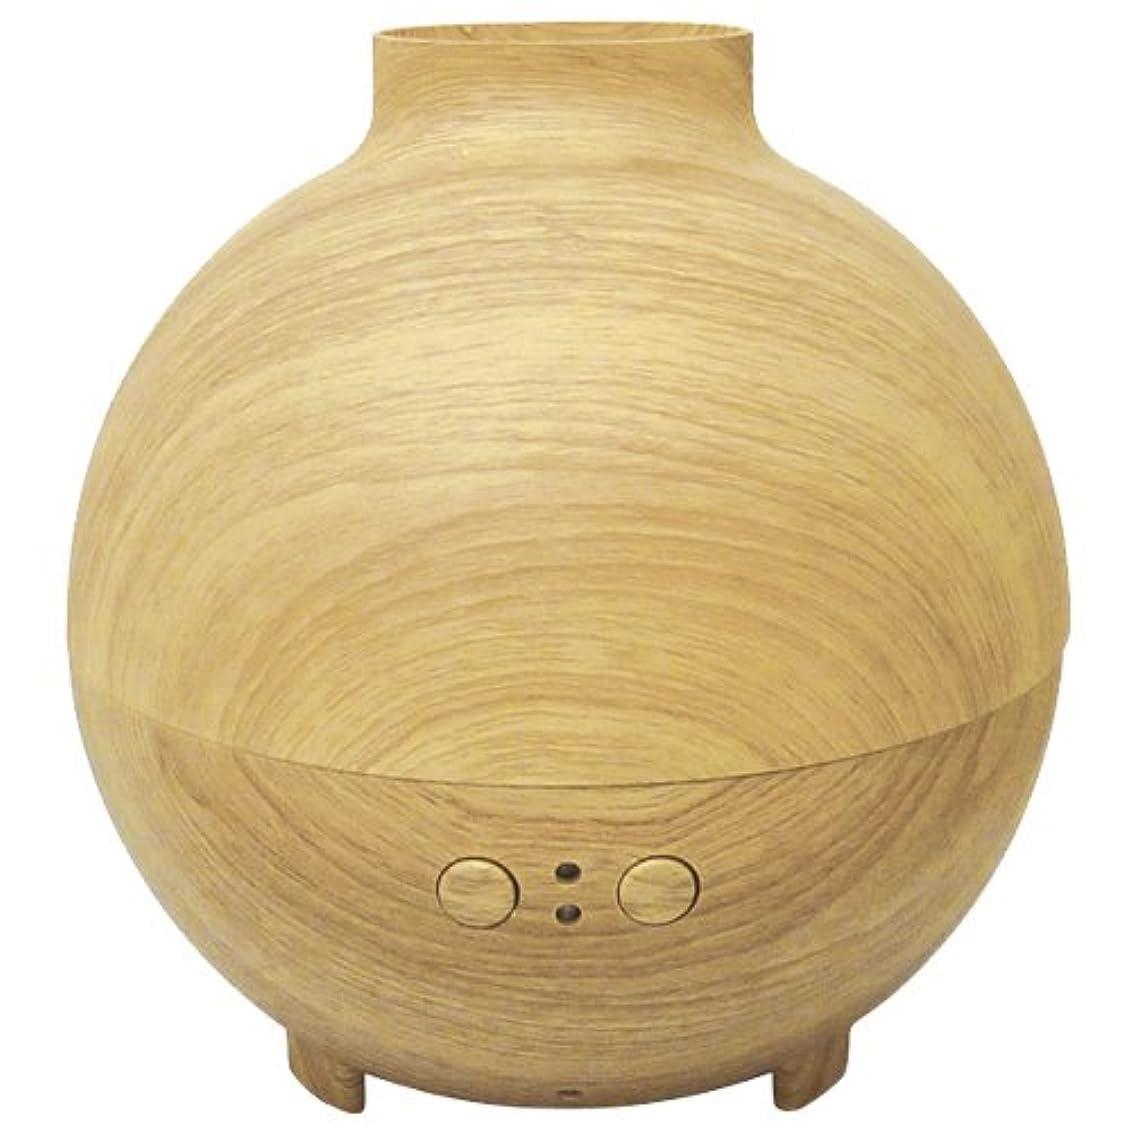 マトロン花瓶ほこりブレイン  木目調加湿器アロマデュフューザー 「Kardia(カルディア)」